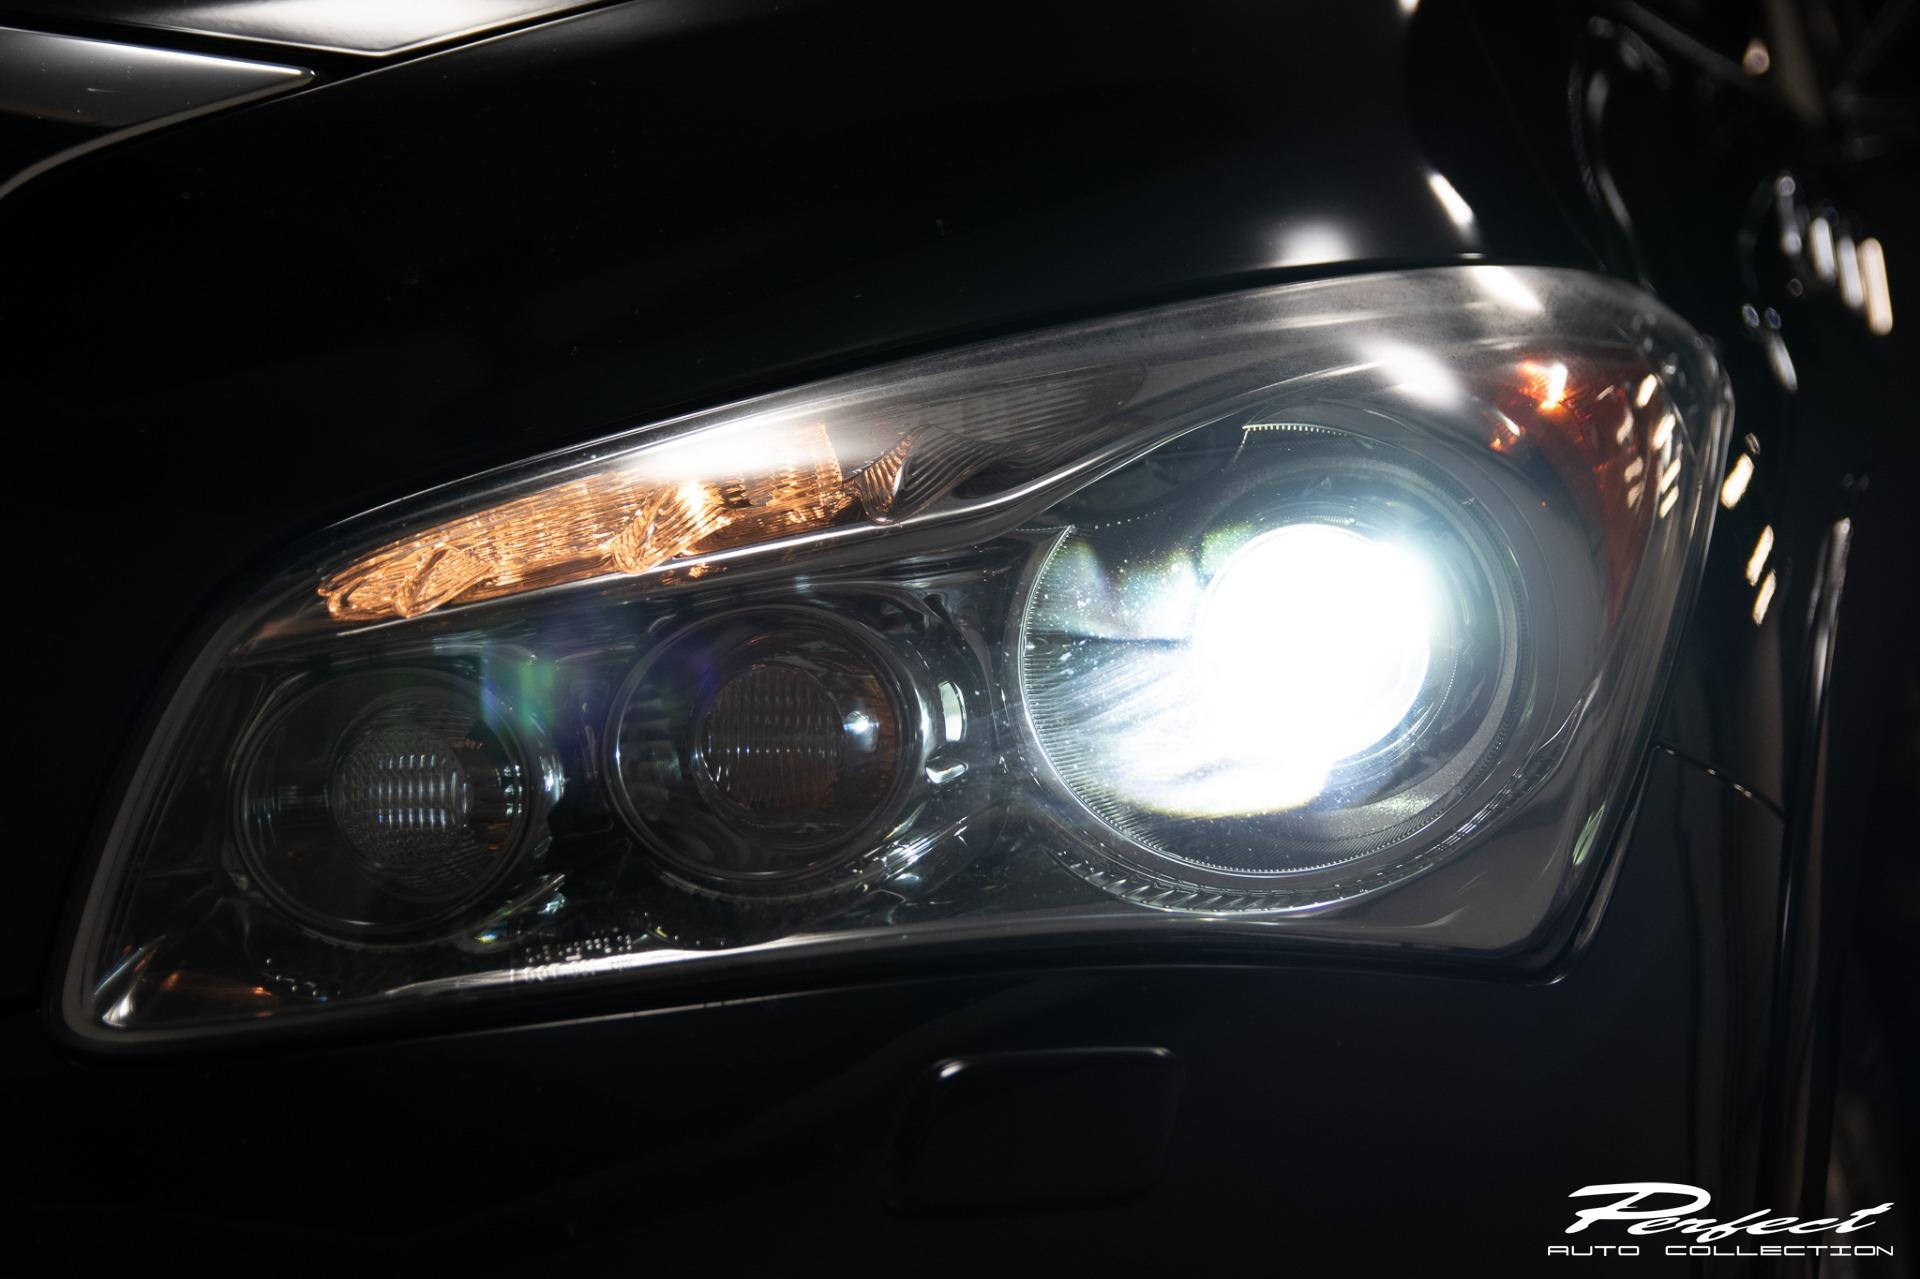 Used 2011 INFINITI QX56